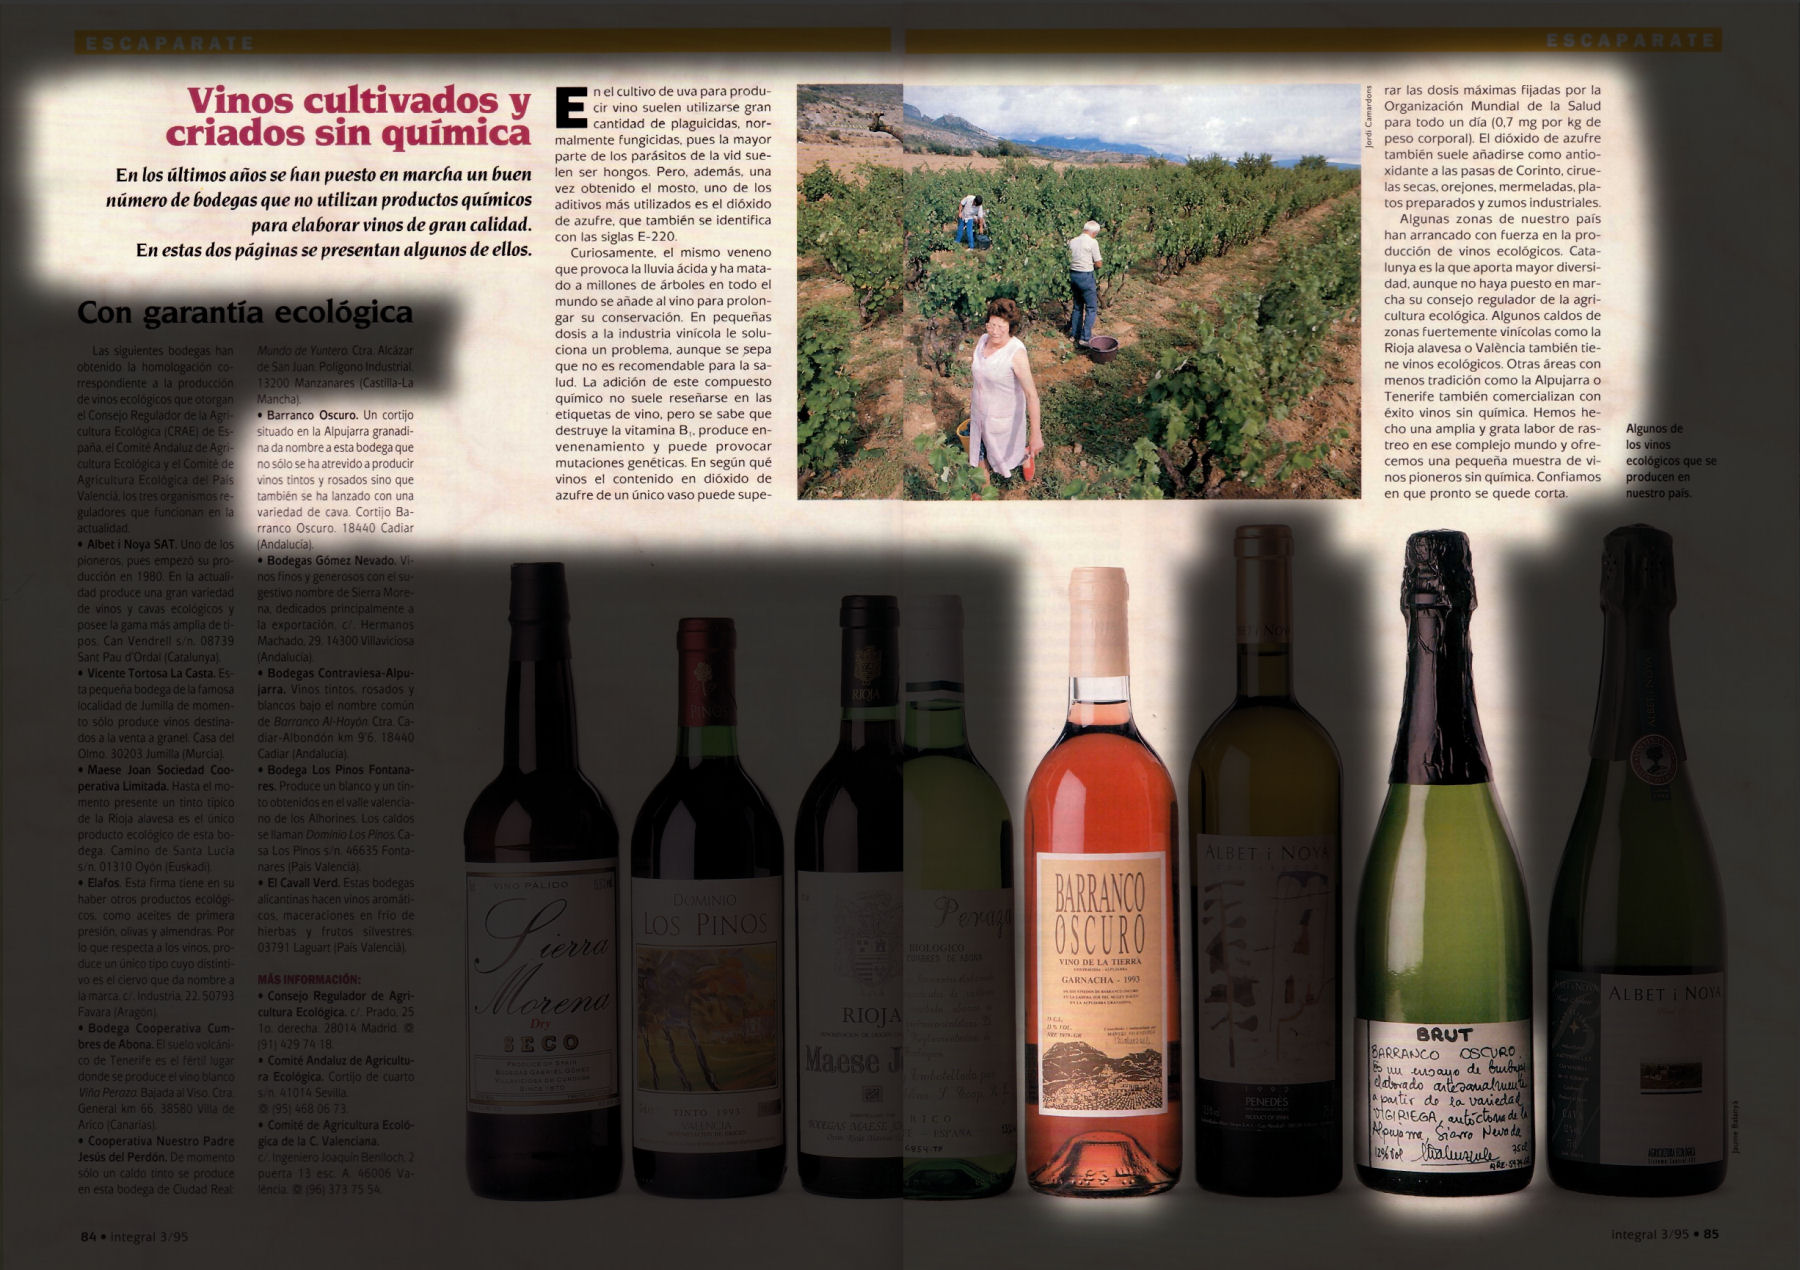 Vinos cultivados y criados sin química | Integral